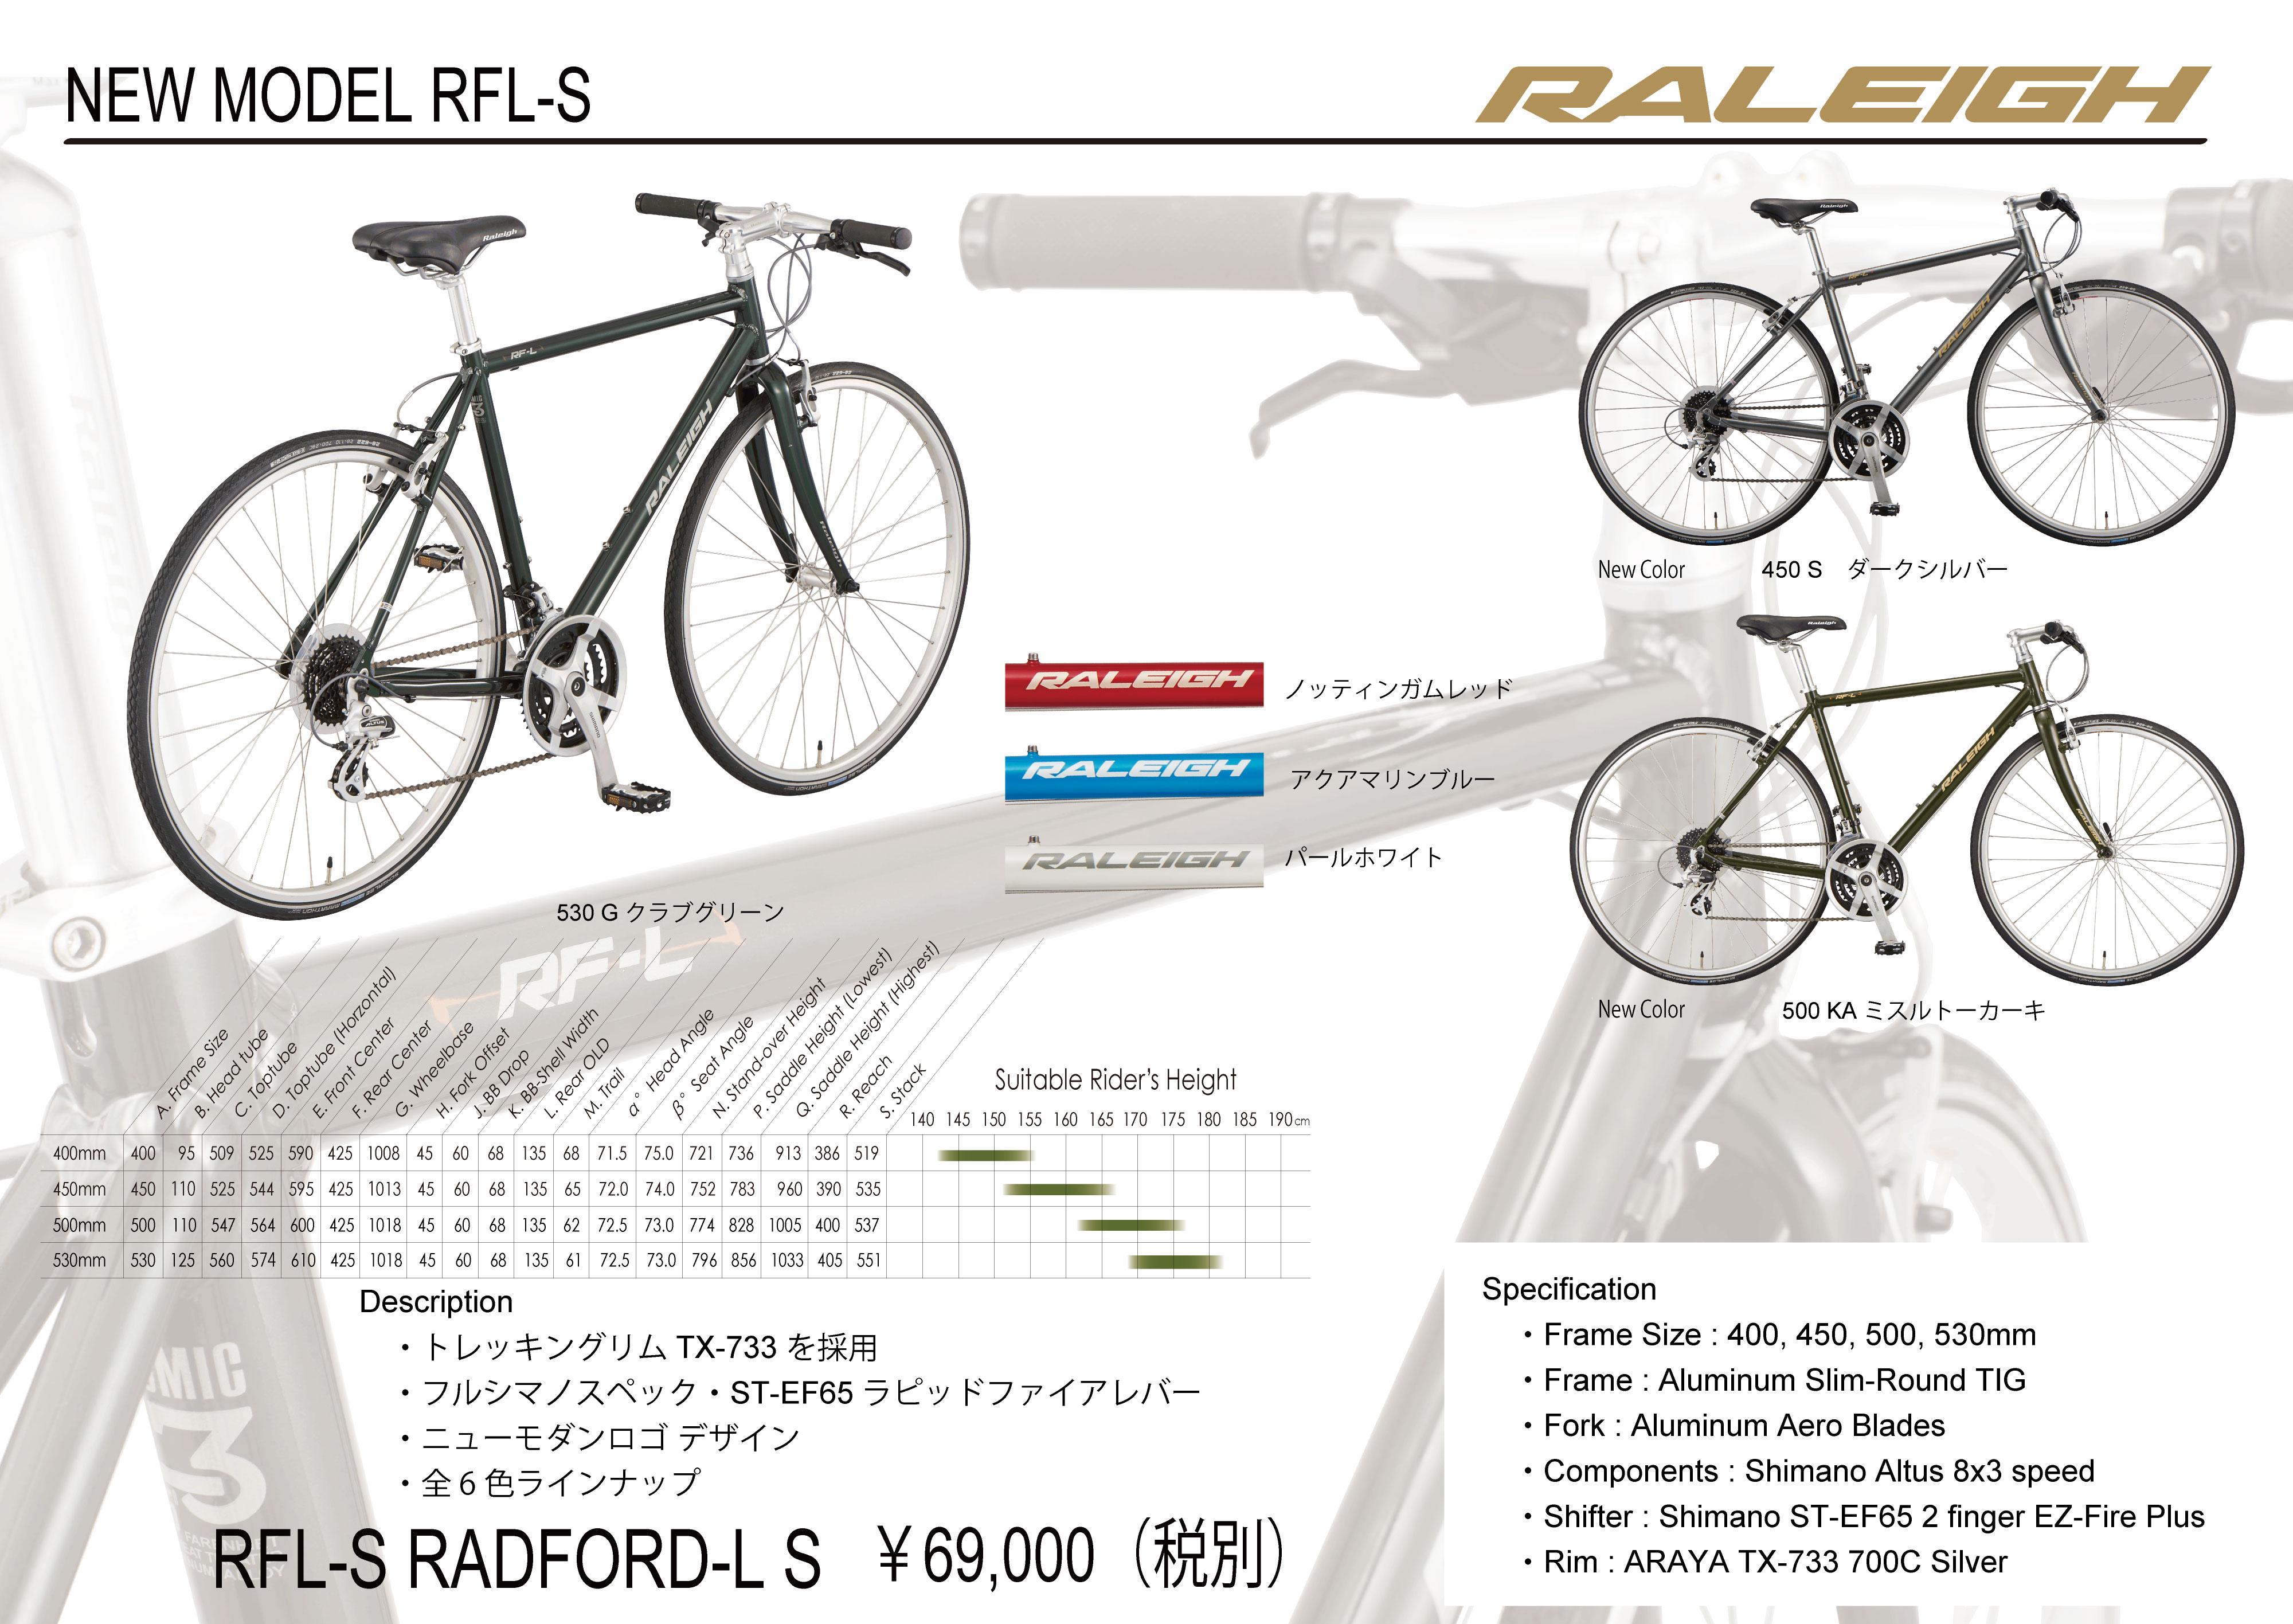 新モデル RFL-S 入荷のお知らせ